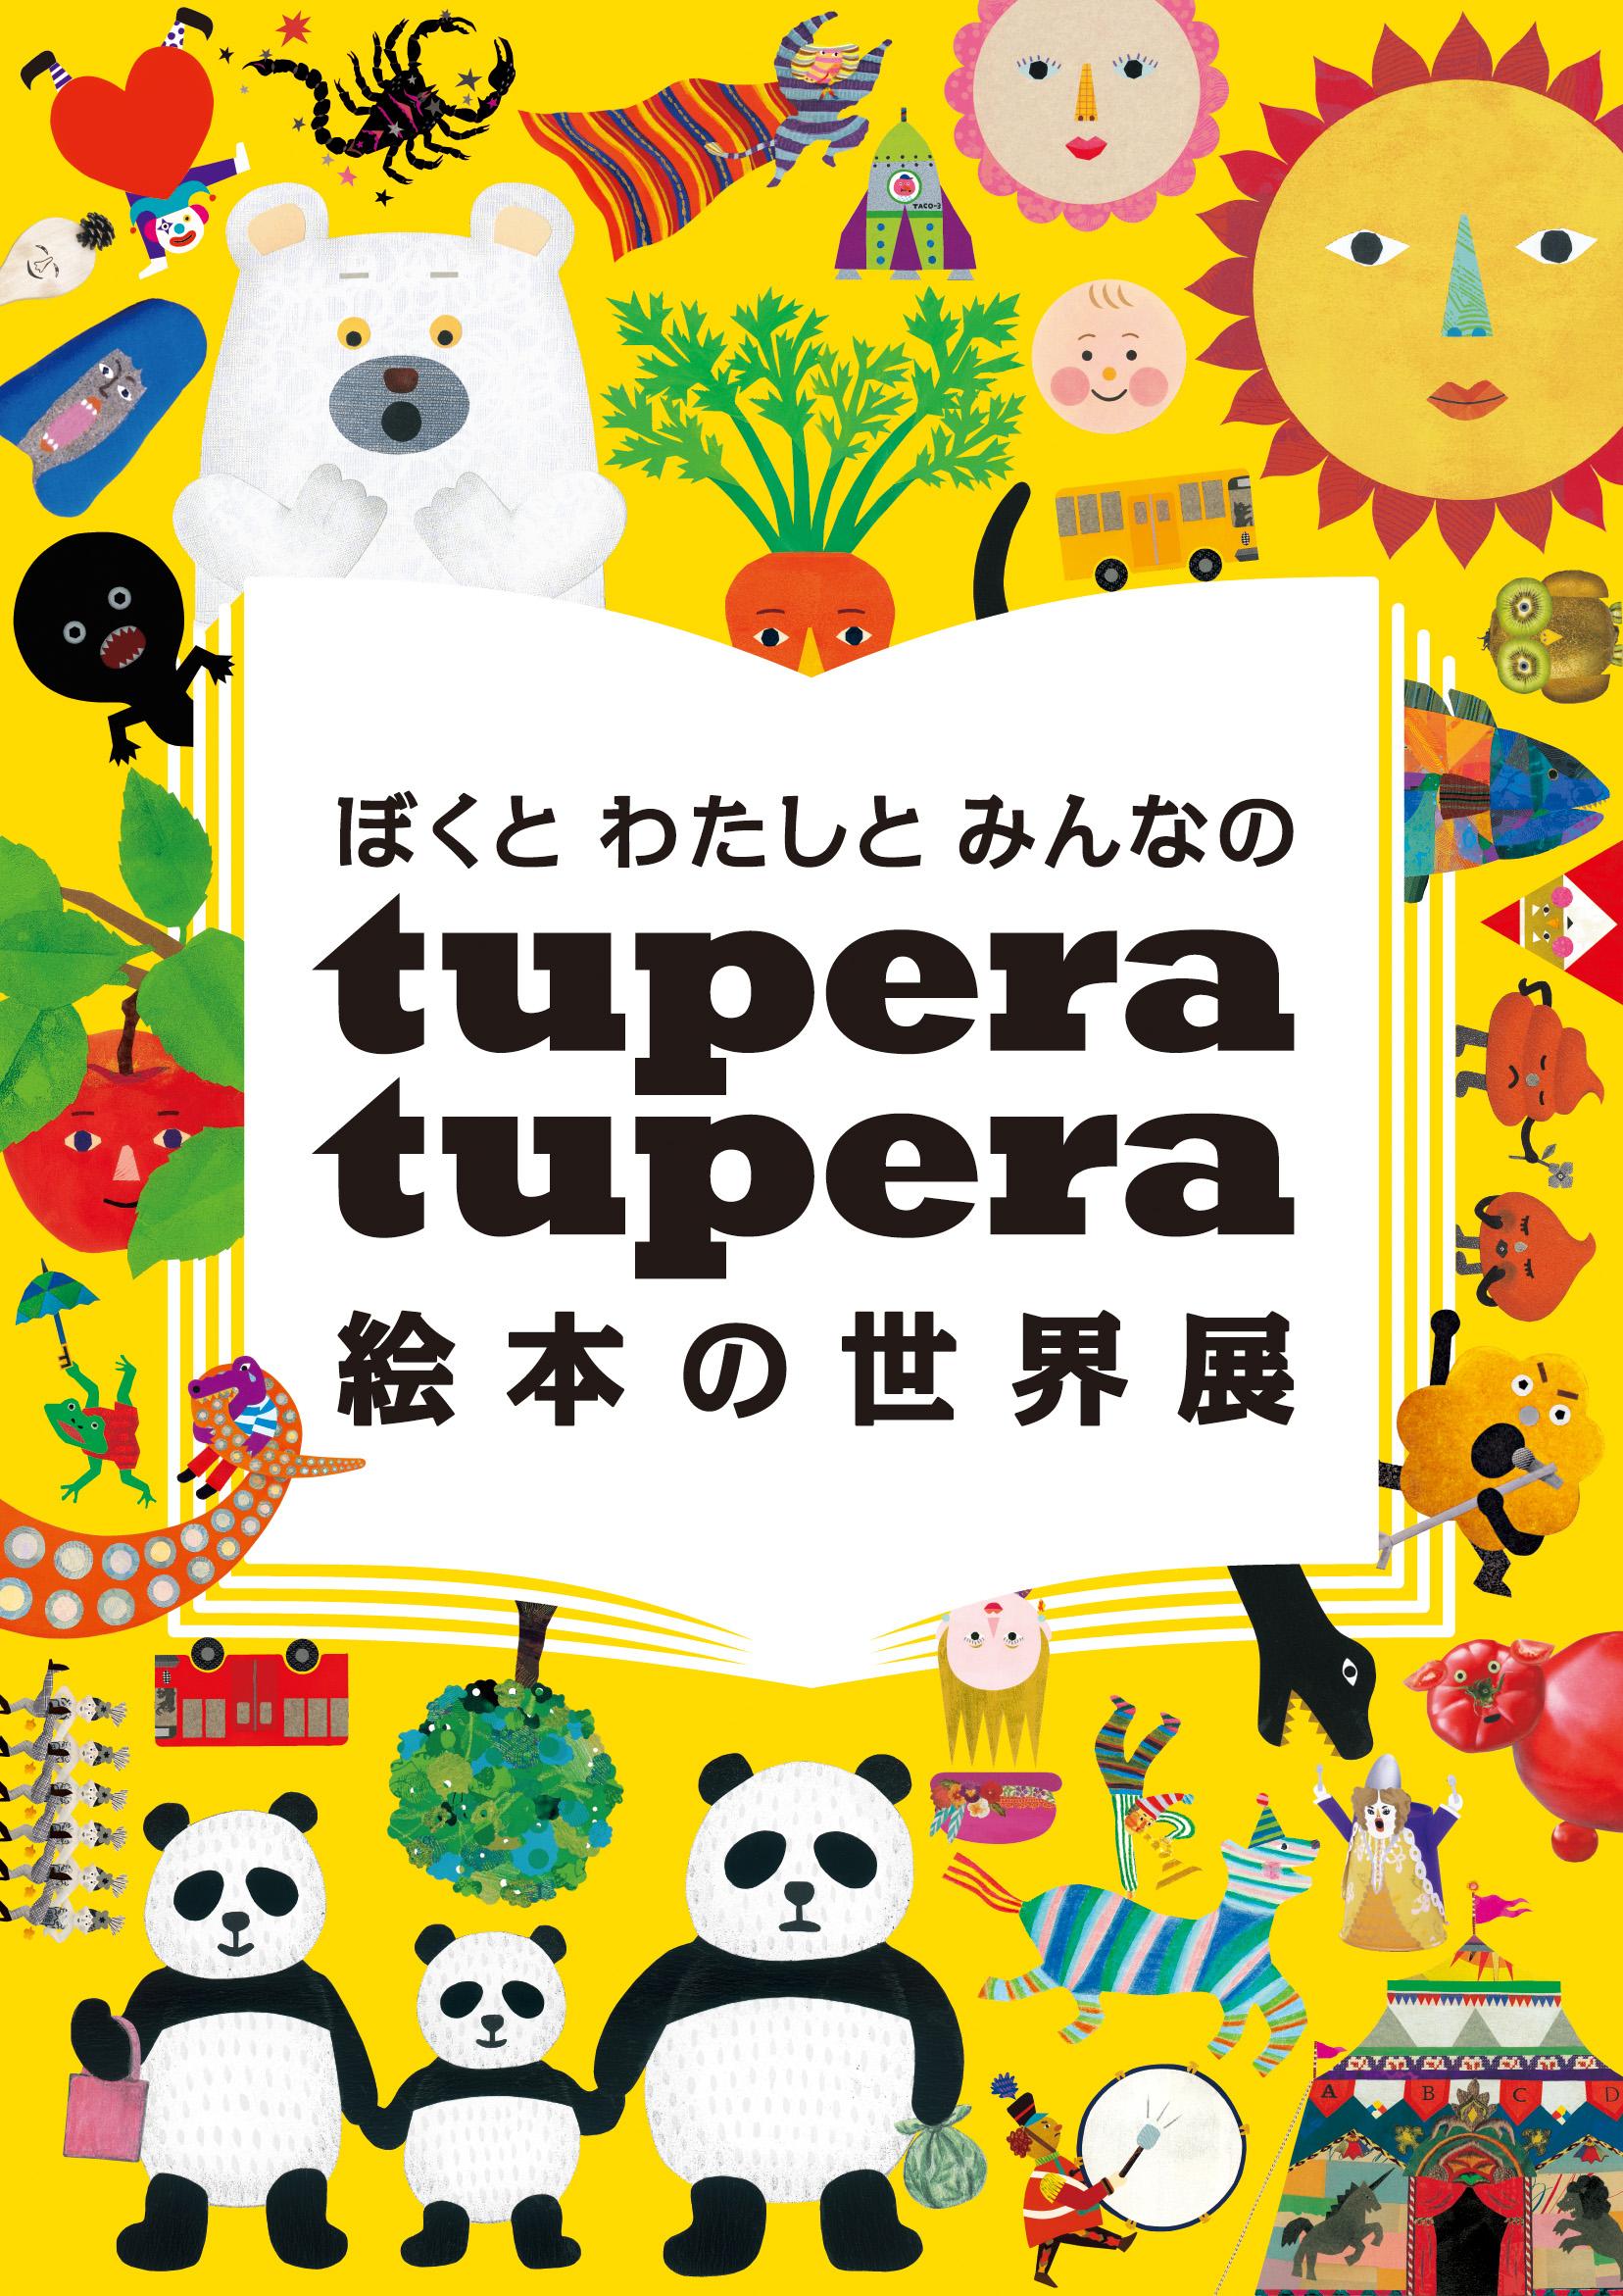 ナンセンスなキャラに萌える 「ぼくとわたしとみんなの tupera tupera 絵本の世界展」【今